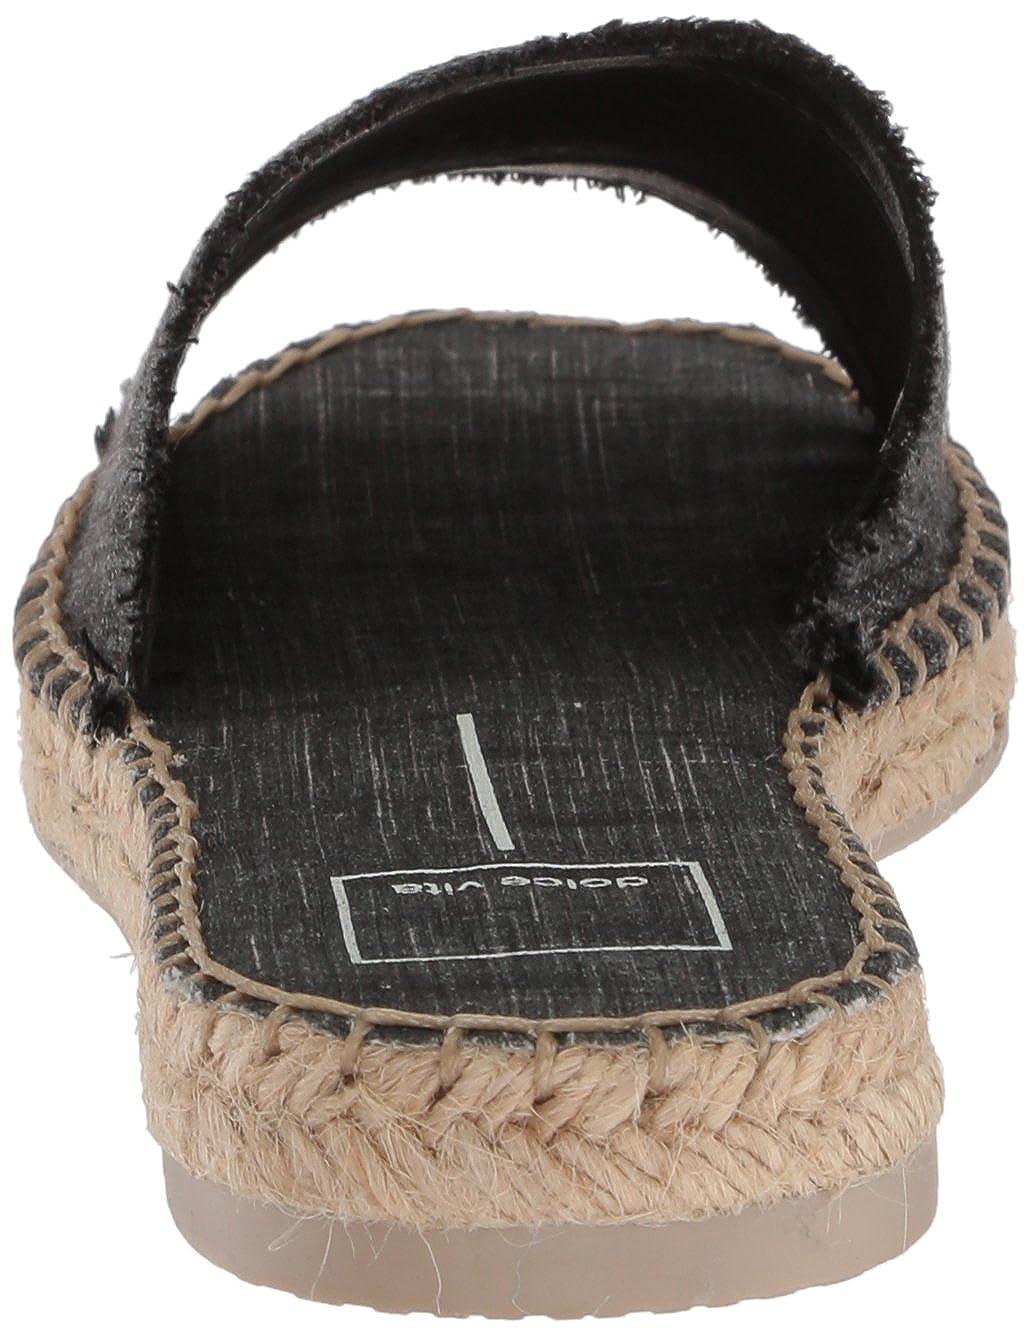 abb3a7a59820 Dolce Vita Women s Bobbi Slide Sandal  Amazon.co.uk  Shoes   Bags